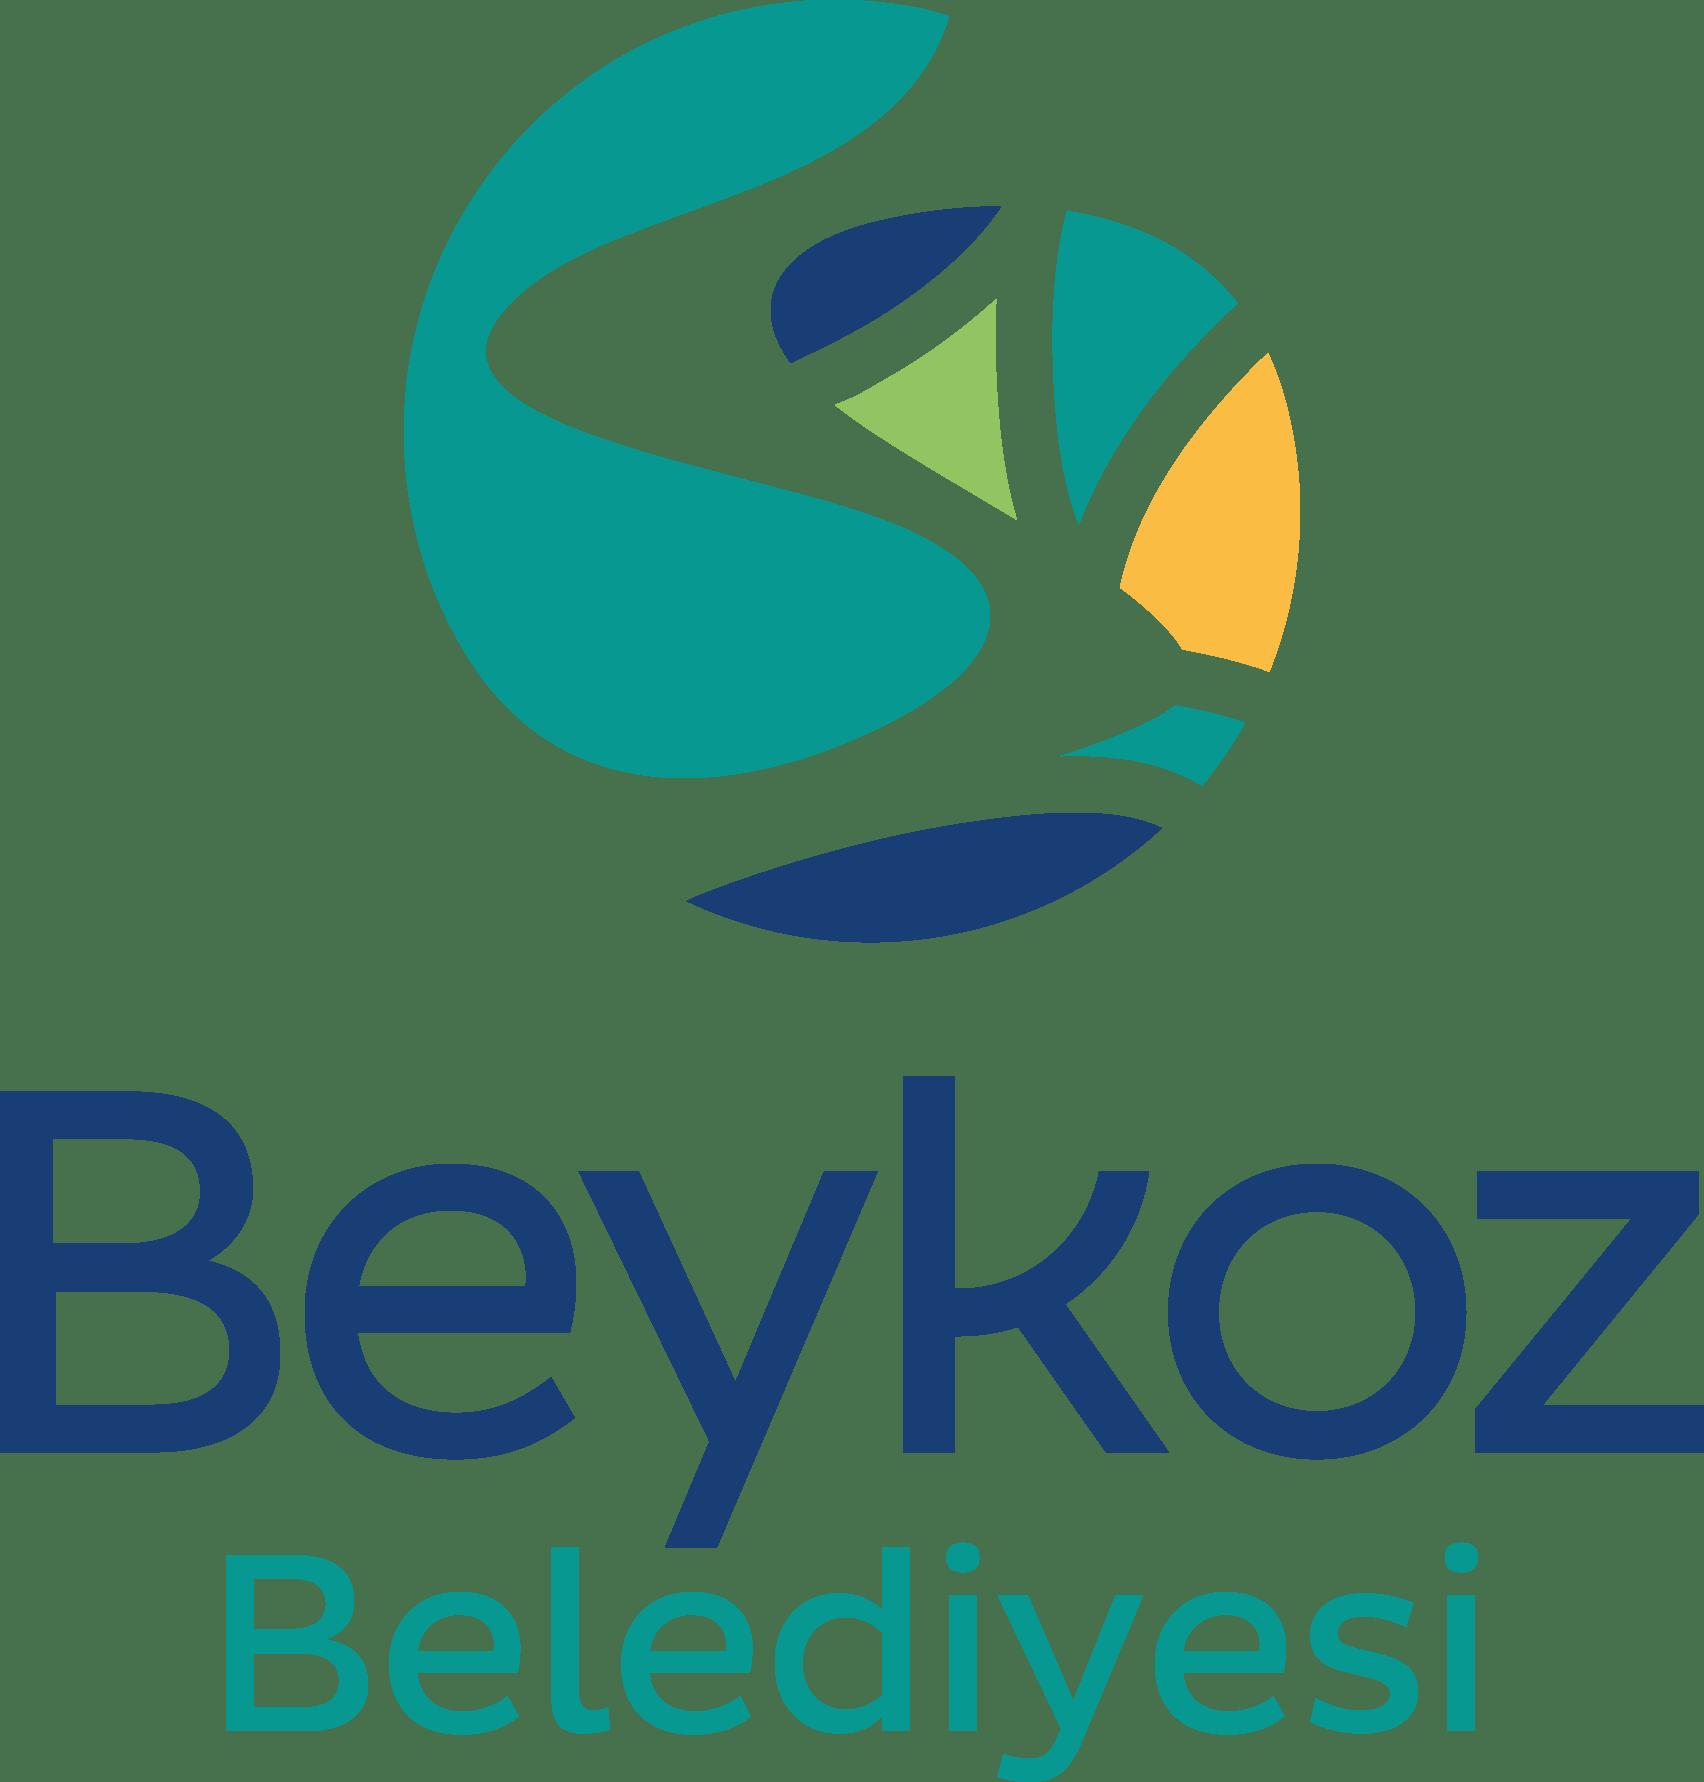 Beykoz Belediyesi Logo vector